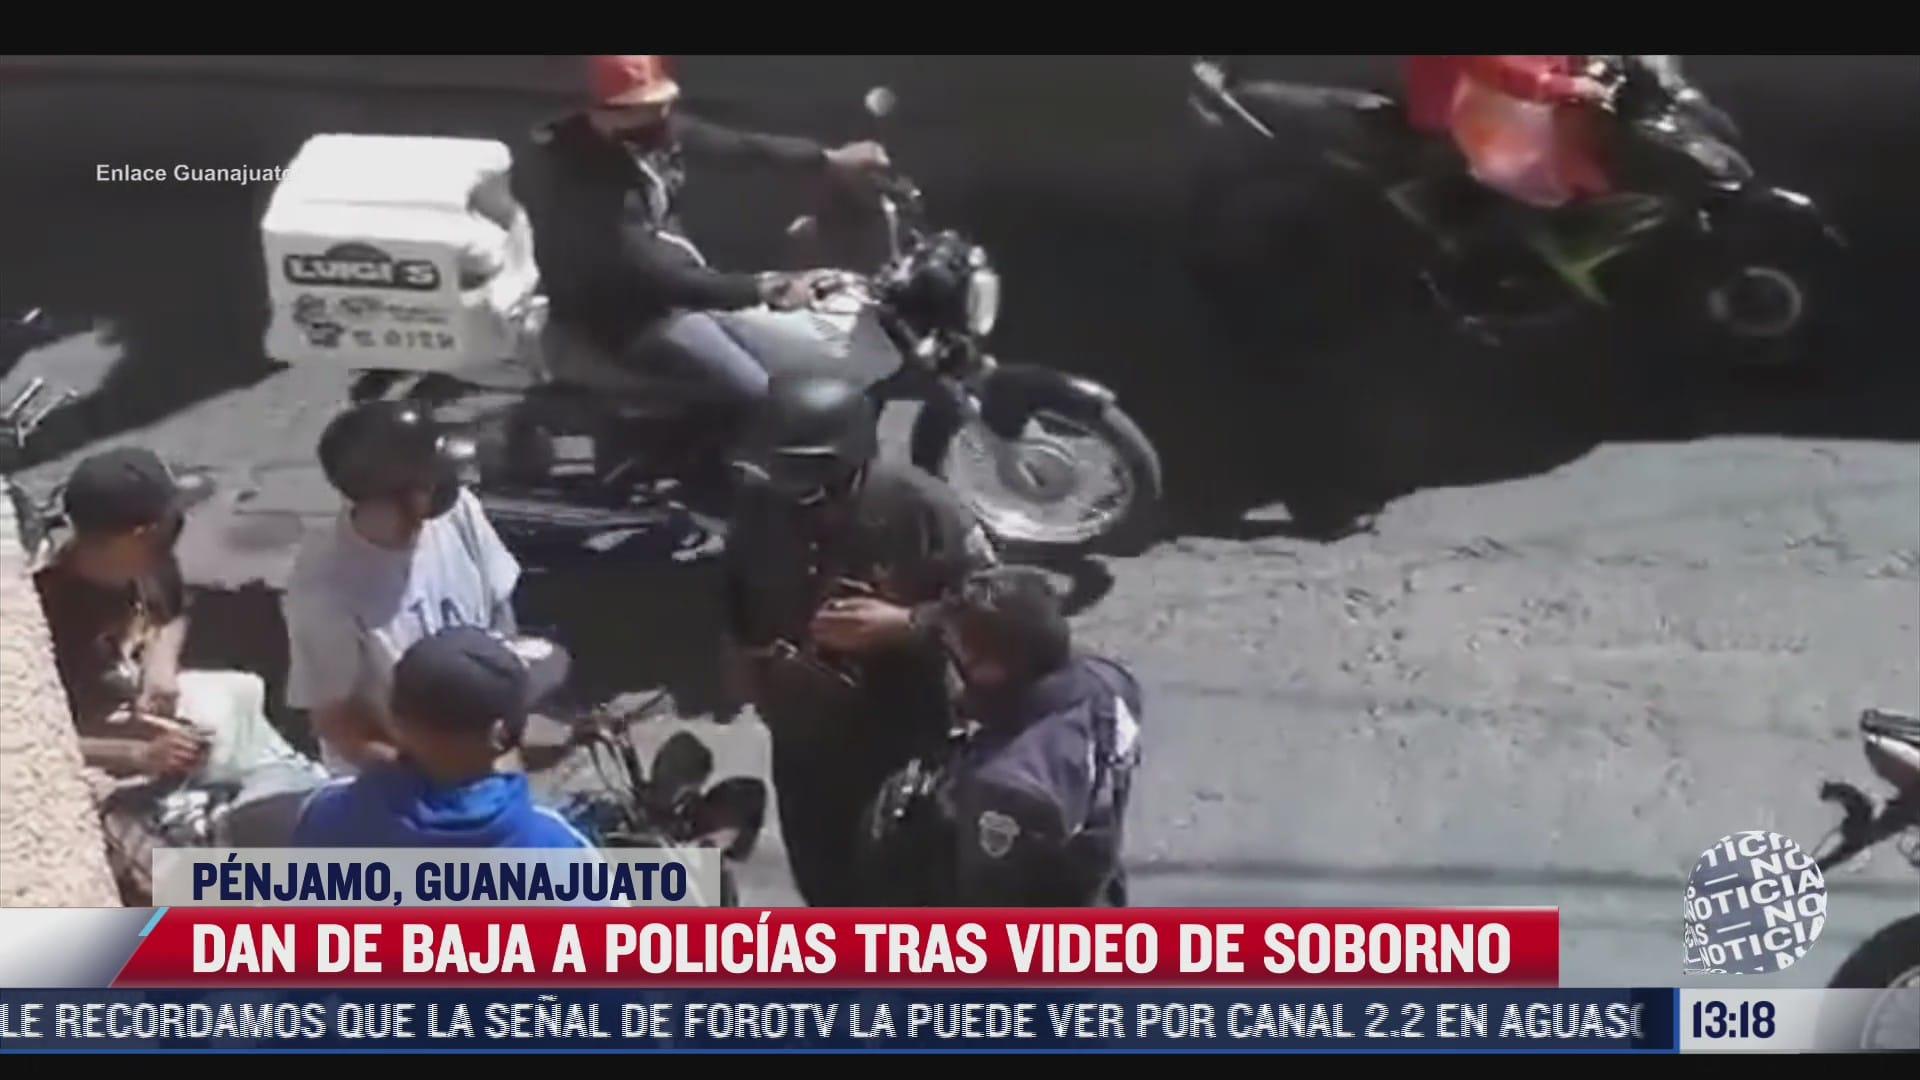 captan a policias recibiendo una mordida en guanajuato